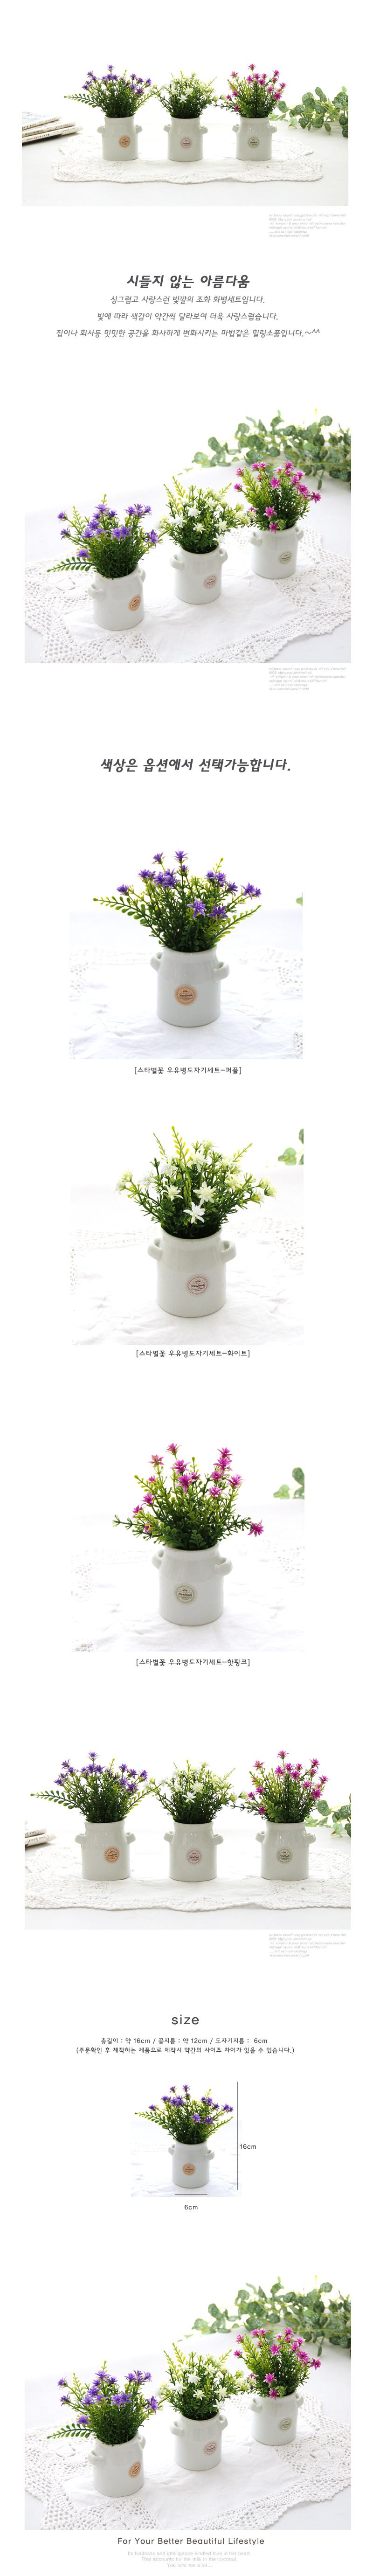 스타별꽃 우유병도자기세트-3color - 리버그린, 5,900원, 화병/수반, 기타화병